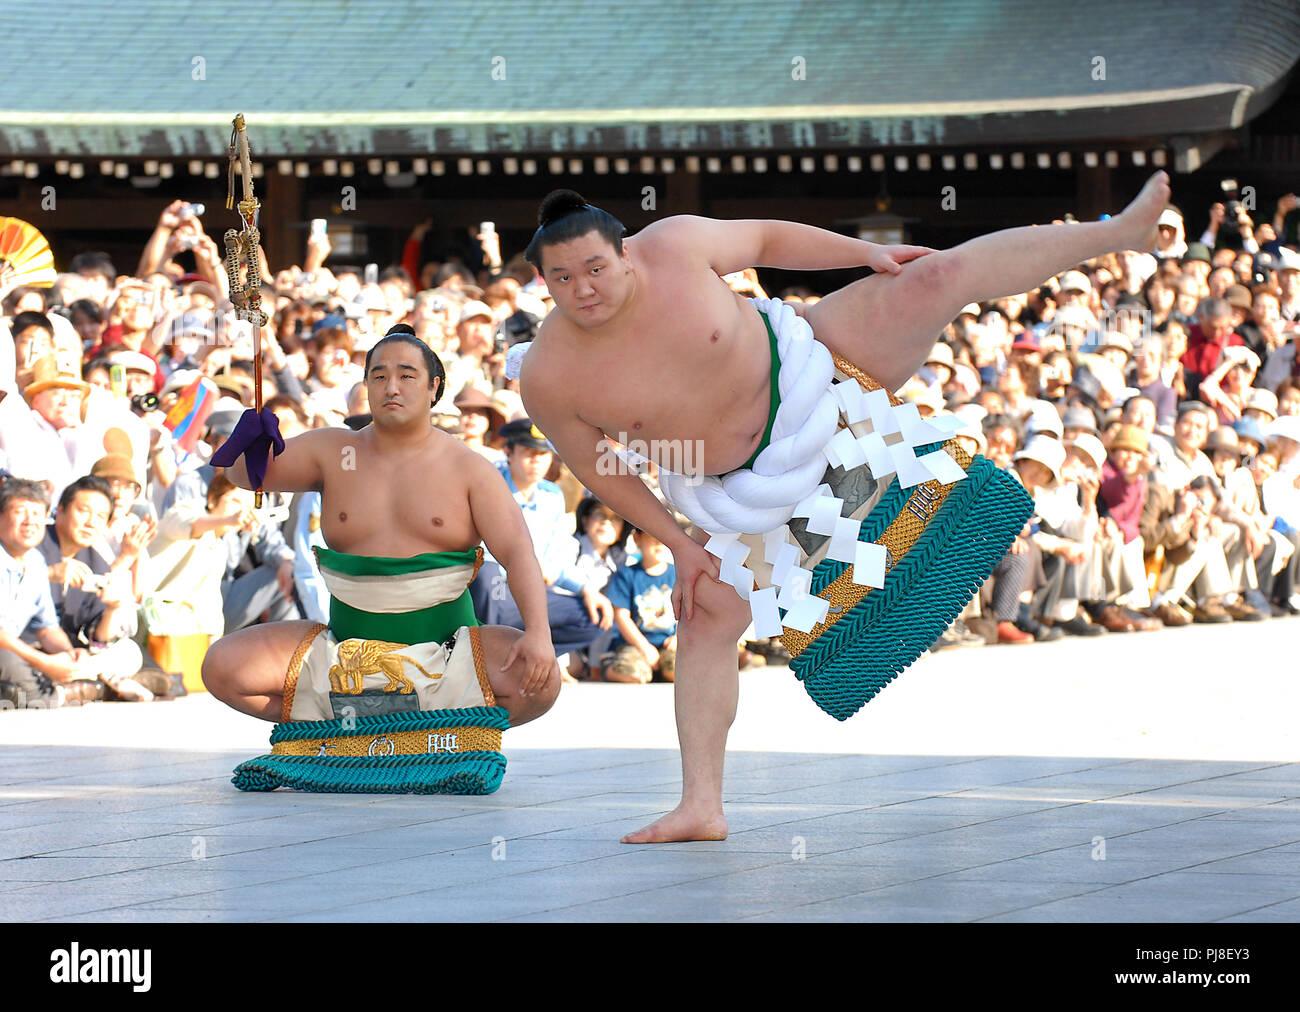 Mongolo lottatore di sumo Hakuho, indossando un grand champion cerimoniale cintura di corda, esegue un rituale cerimoniale per segnare la sua promozione al rango di yok Foto Stock